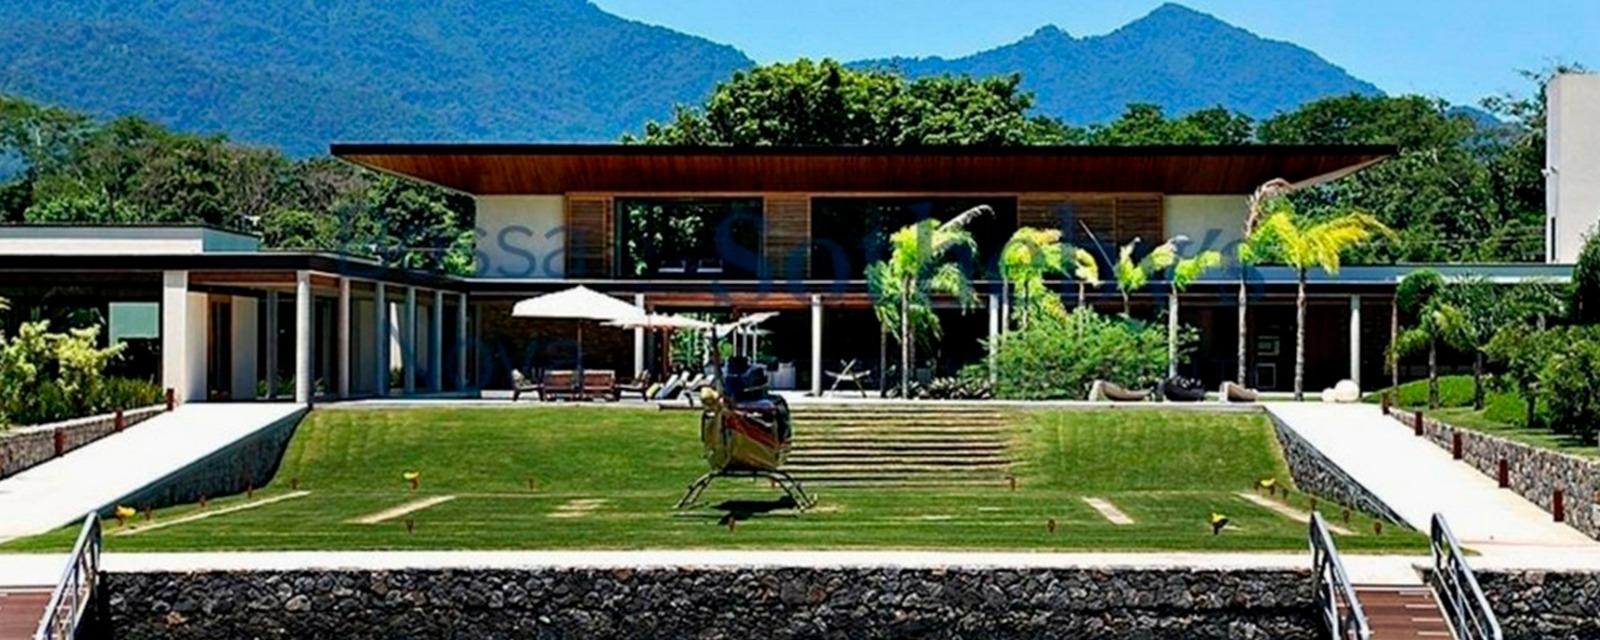 Ideas para decorar: la lujosa casa de Neymar Ideas para decorar Ideas para decorar: la lujosa casa de Neymar Featured 7